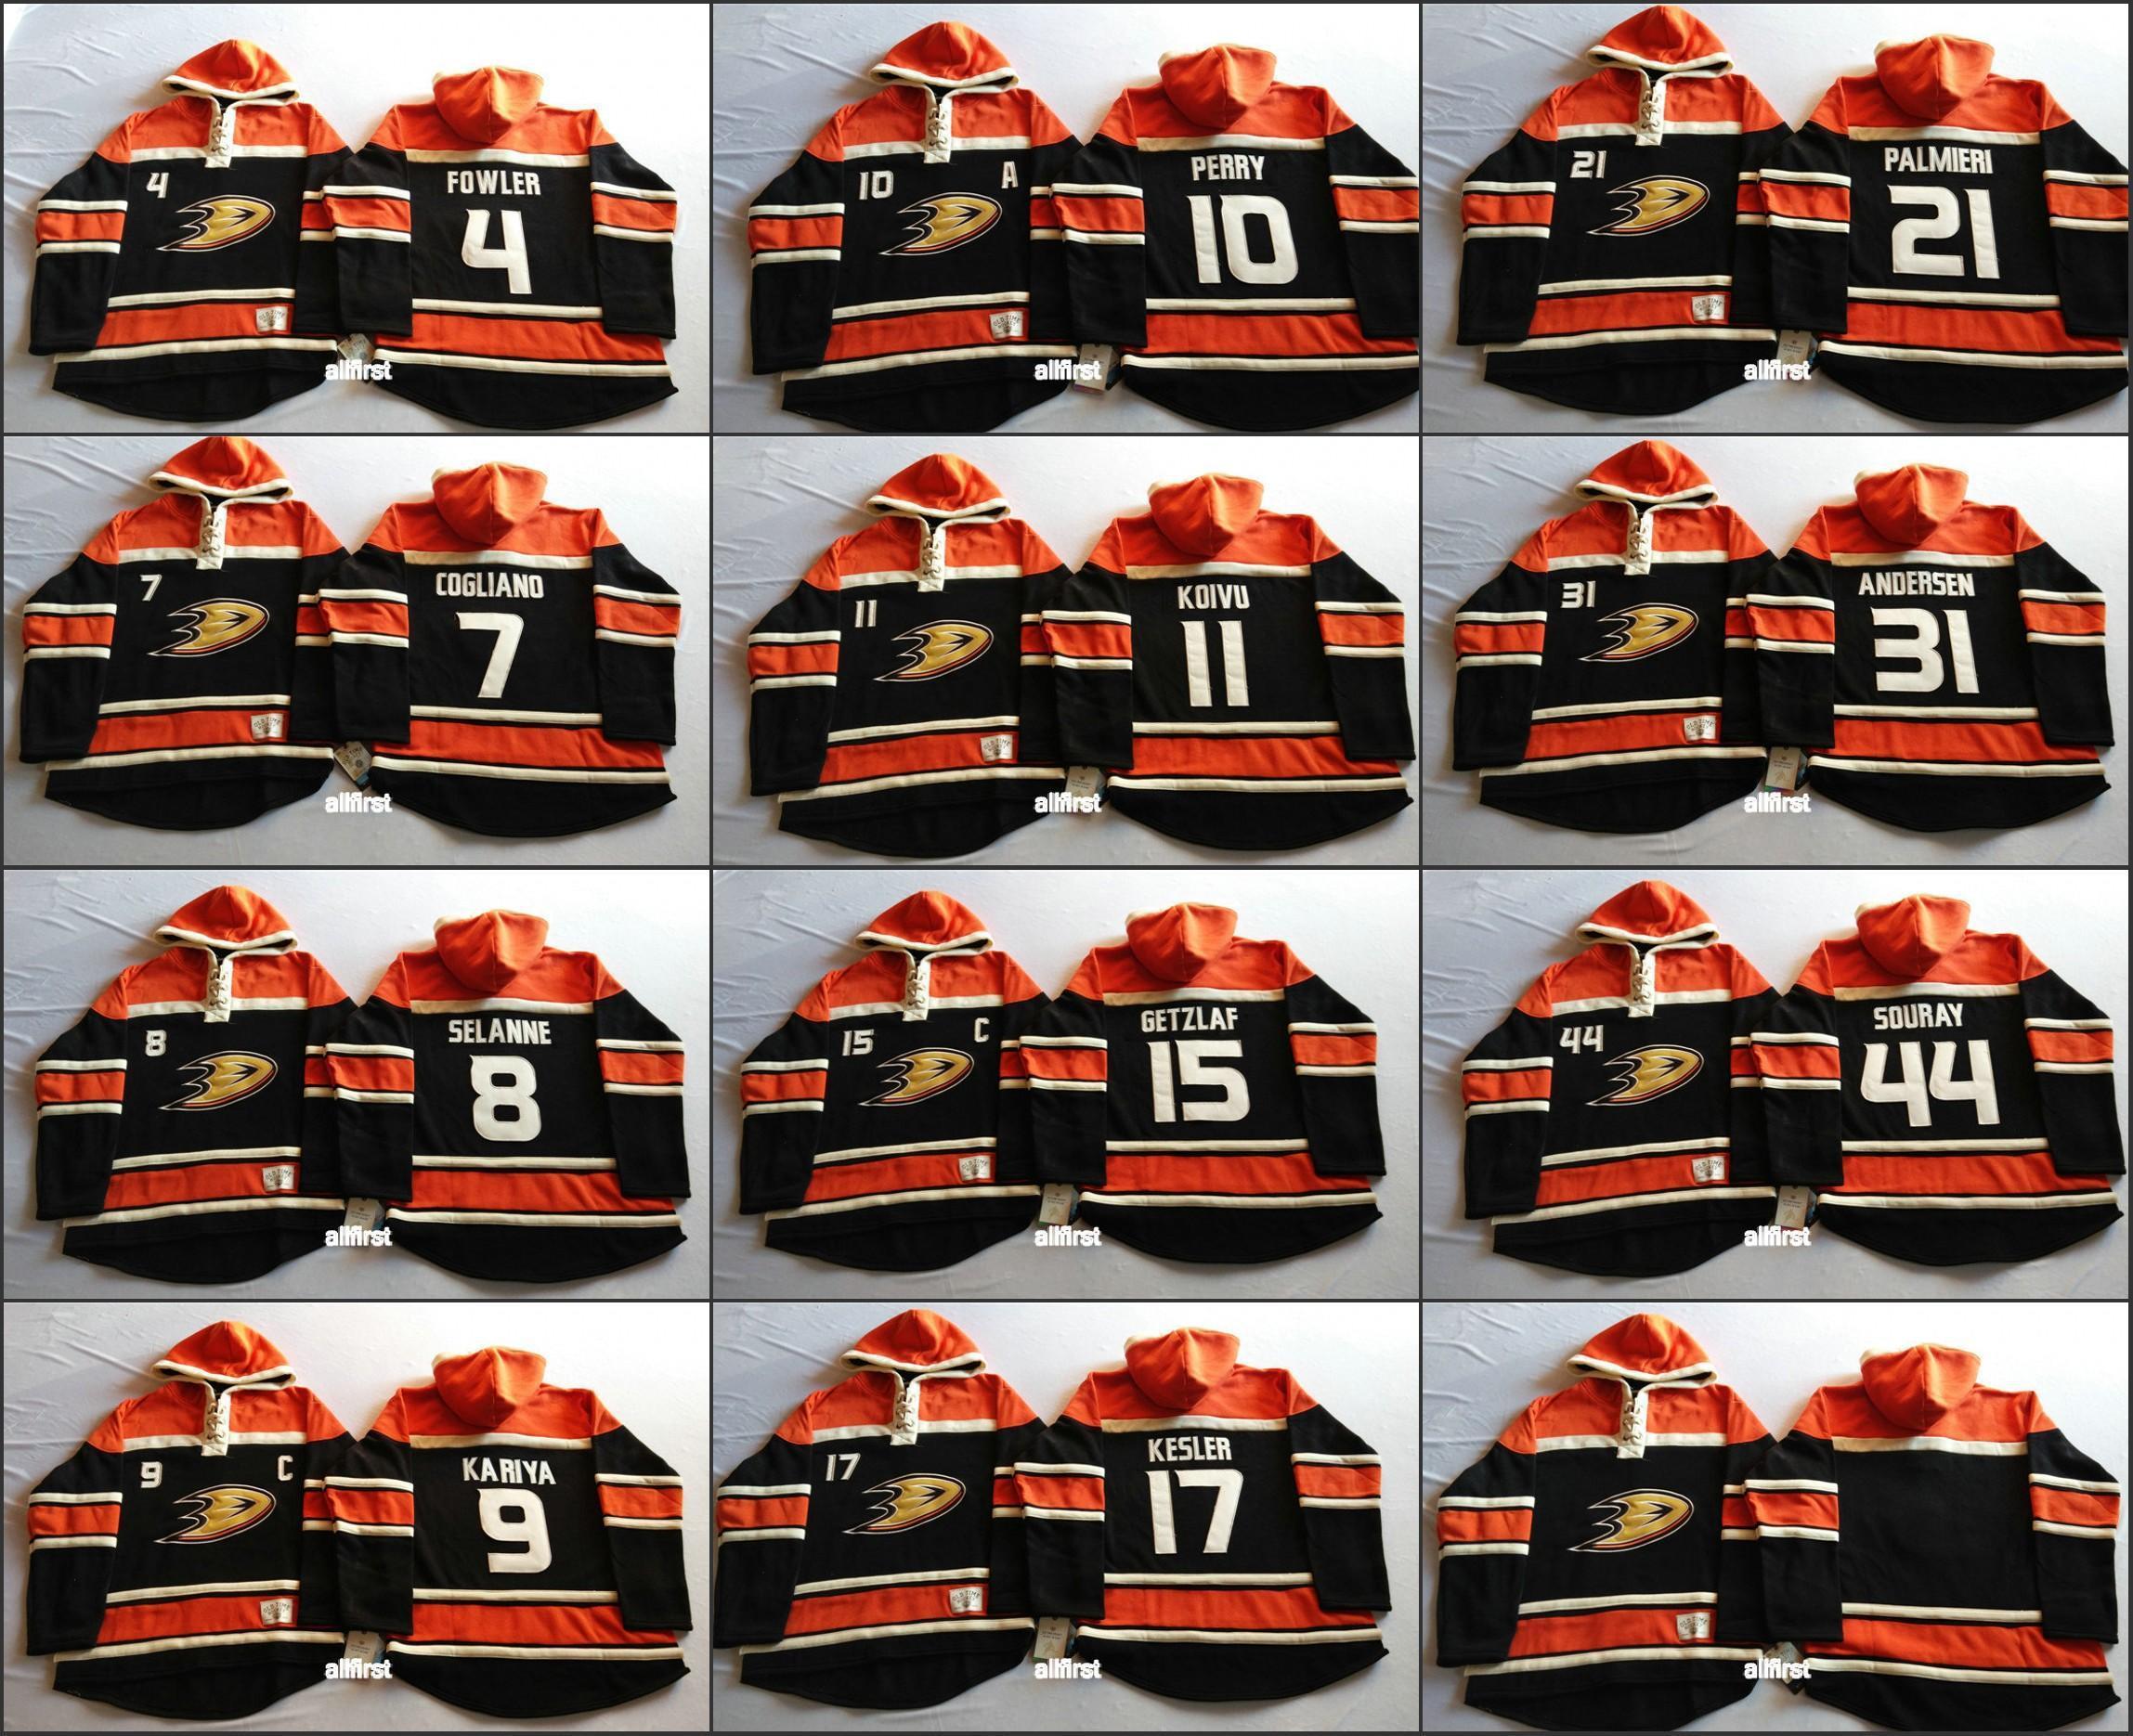 2016 de Hombres Anaheim Ducks sudaderas barato 8 Teemu Selanne 31 Andersen 15 Ryan Getzlaf etc hockey jersey cosido con capucha cualquier nombre #